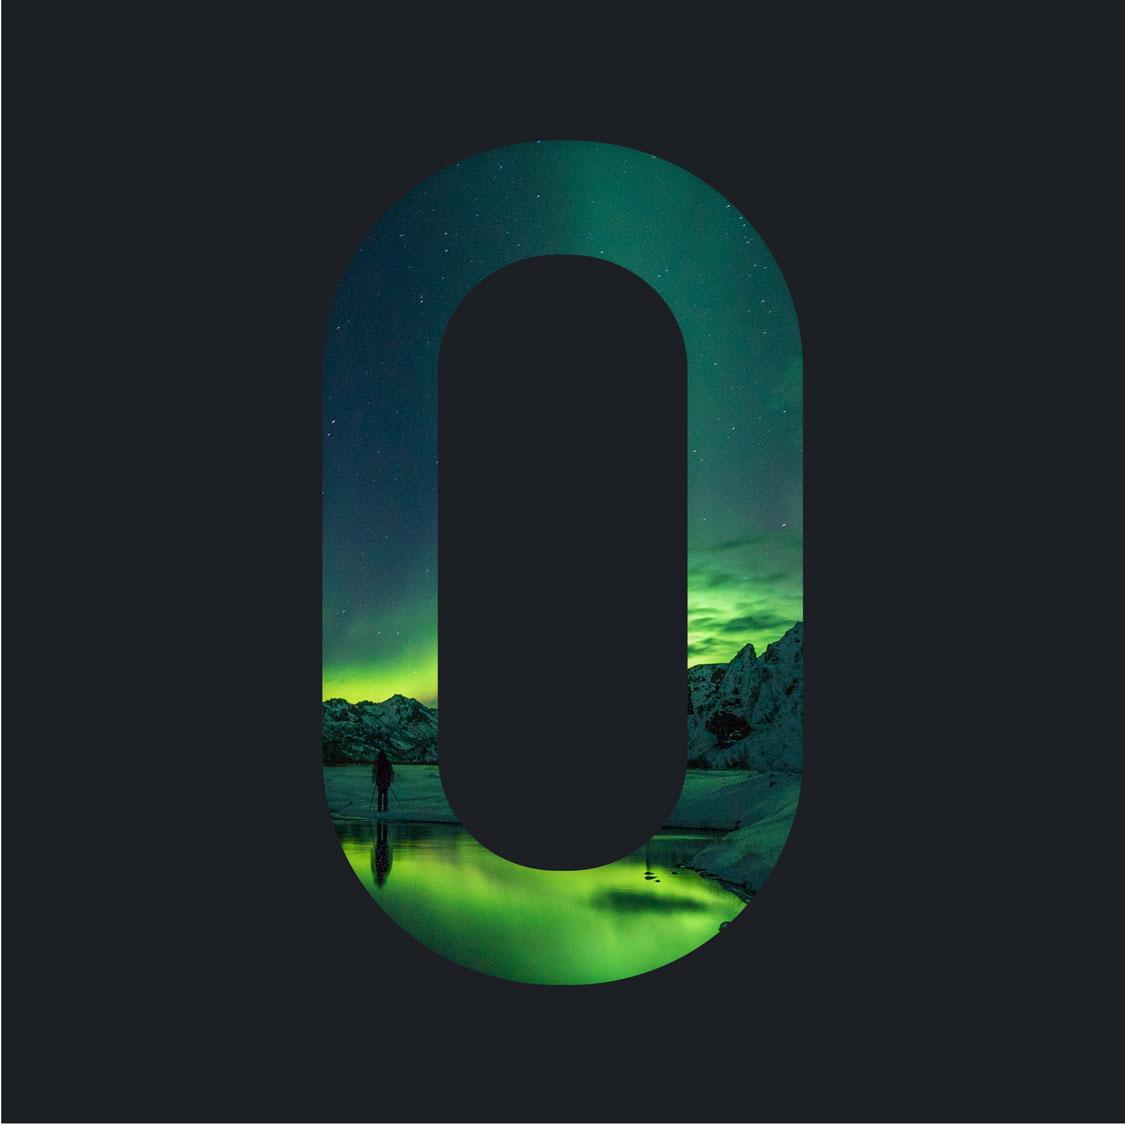 OG_Squarespace7.jpg